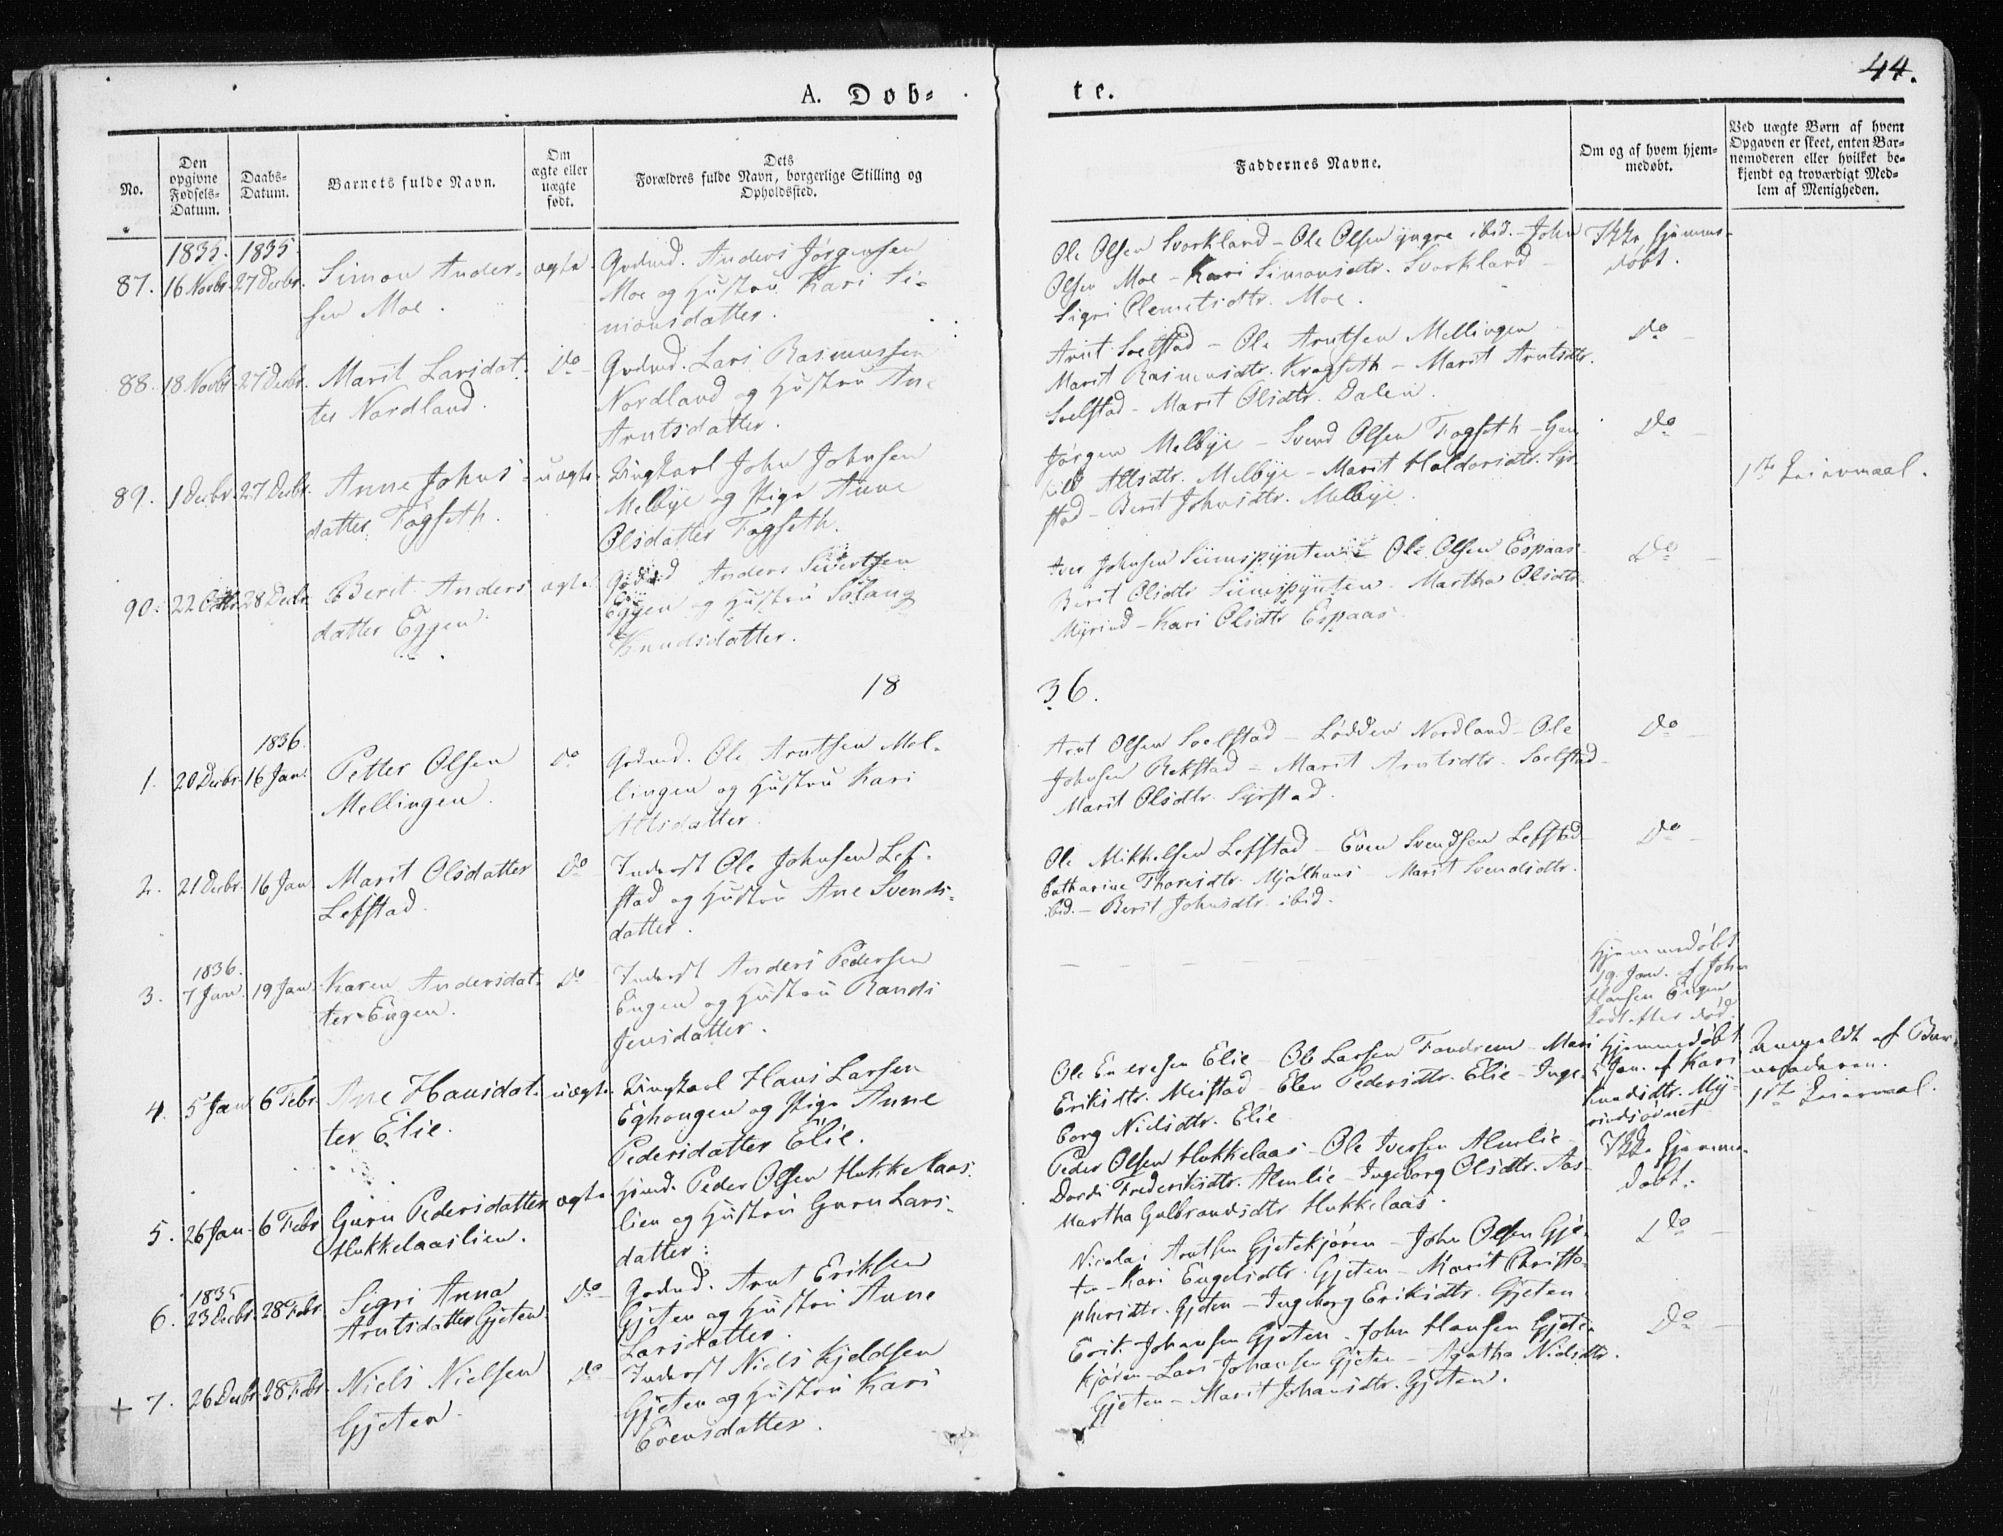 SAT, Ministerialprotokoller, klokkerbøker og fødselsregistre - Sør-Trøndelag, 665/L0771: Ministerialbok nr. 665A06, 1830-1856, s. 44